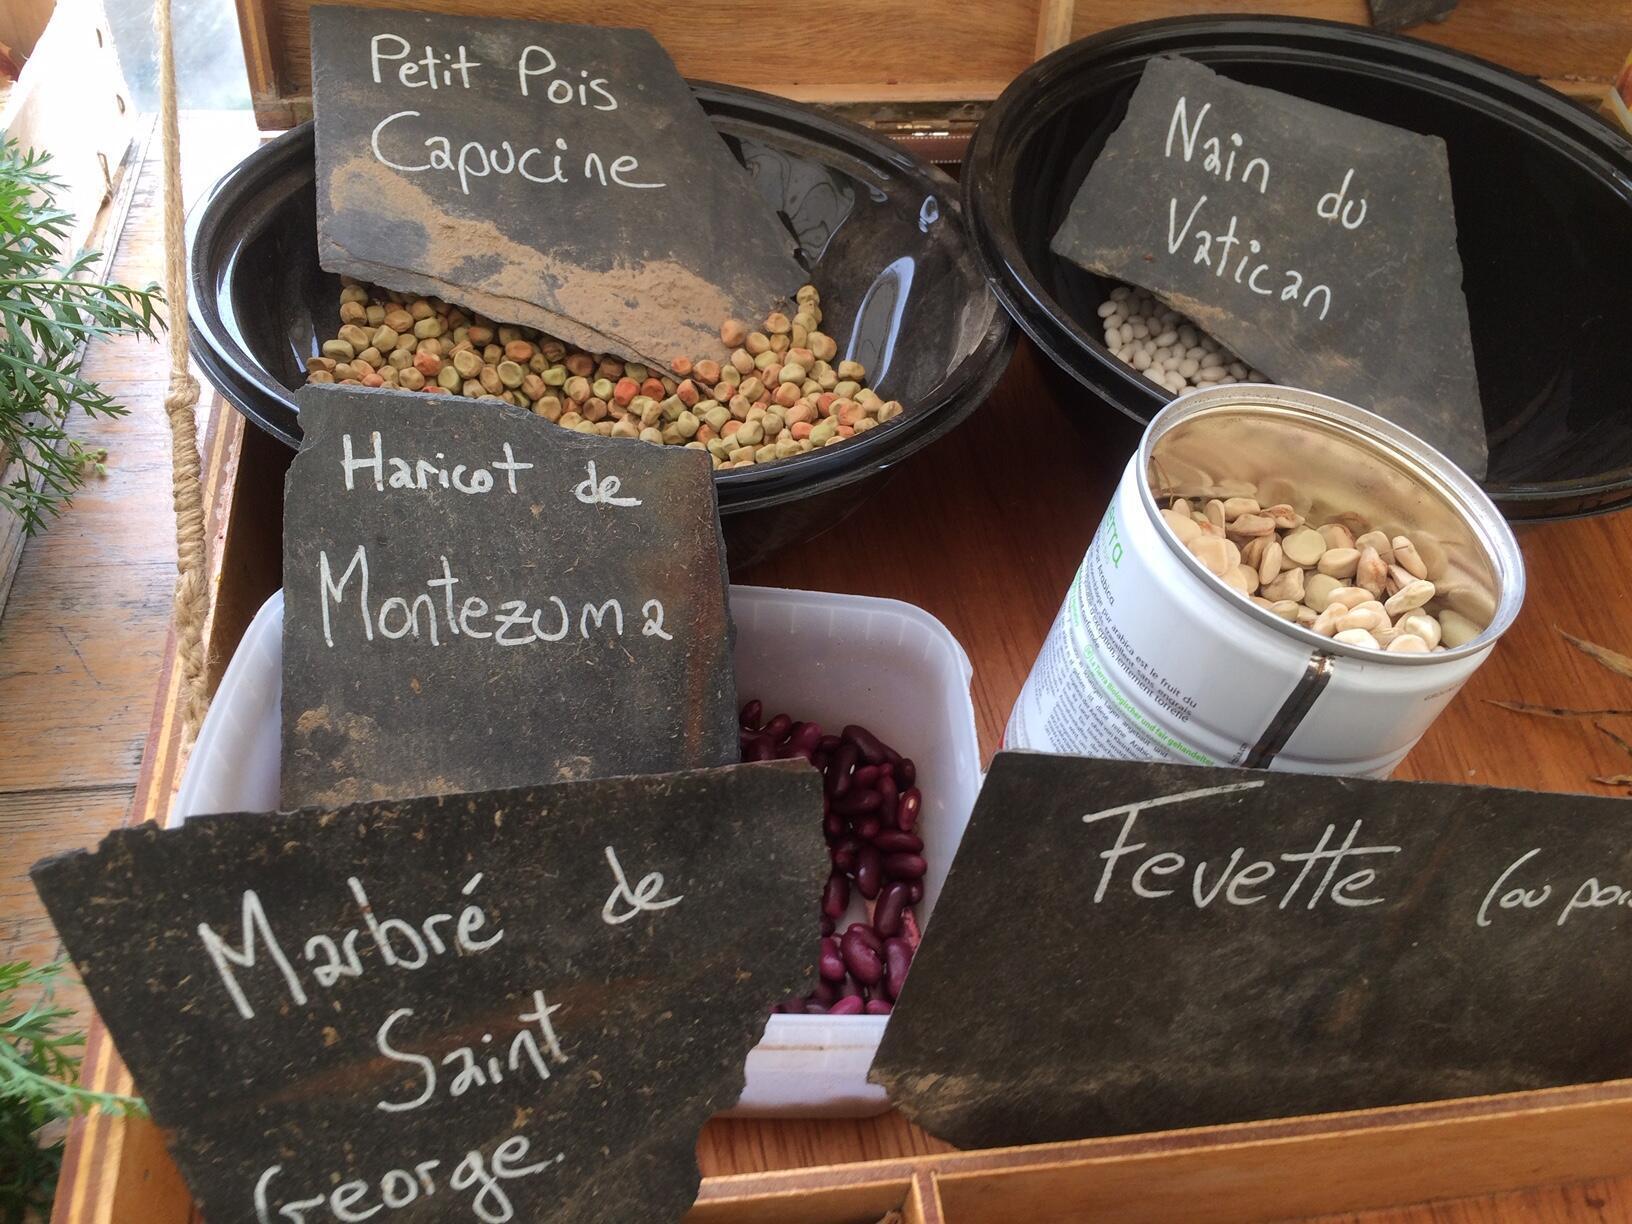 Semences paysannes produites artisanalement par des agriculteurs bretons.